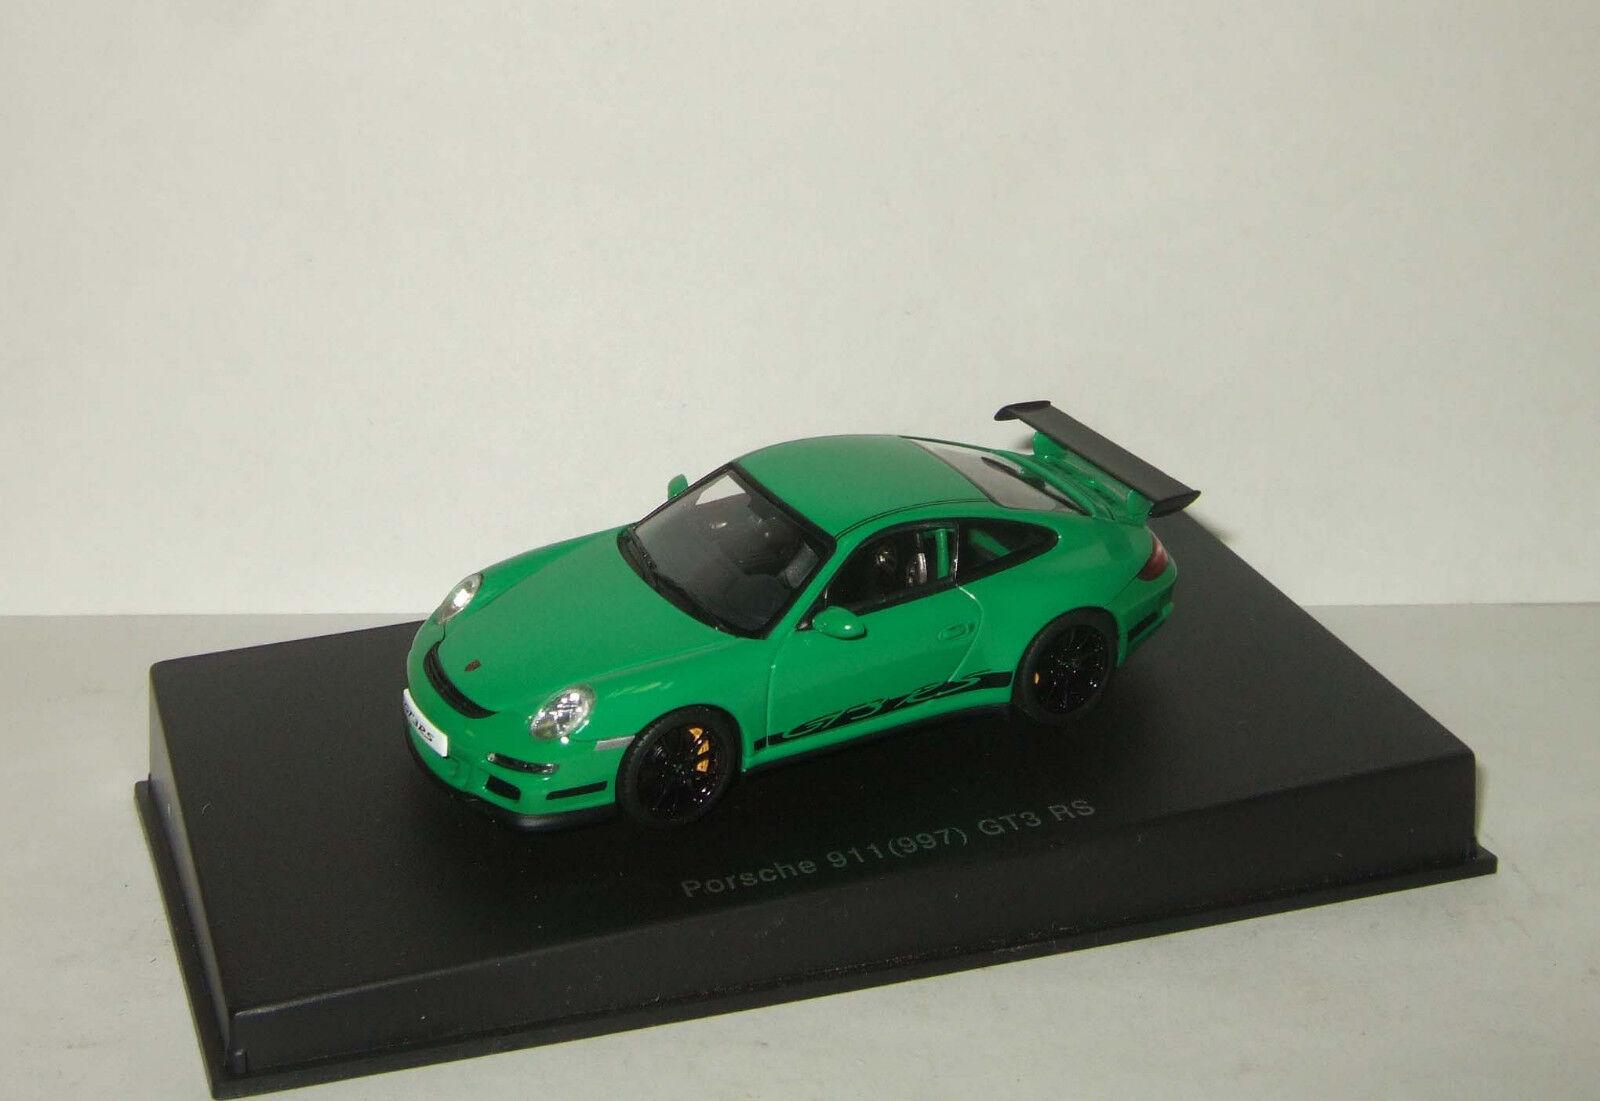 mejor calidad 1 43 Autoart Autoart Autoart Porsche 997 gt3 RS 2009 57912  protección post-venta